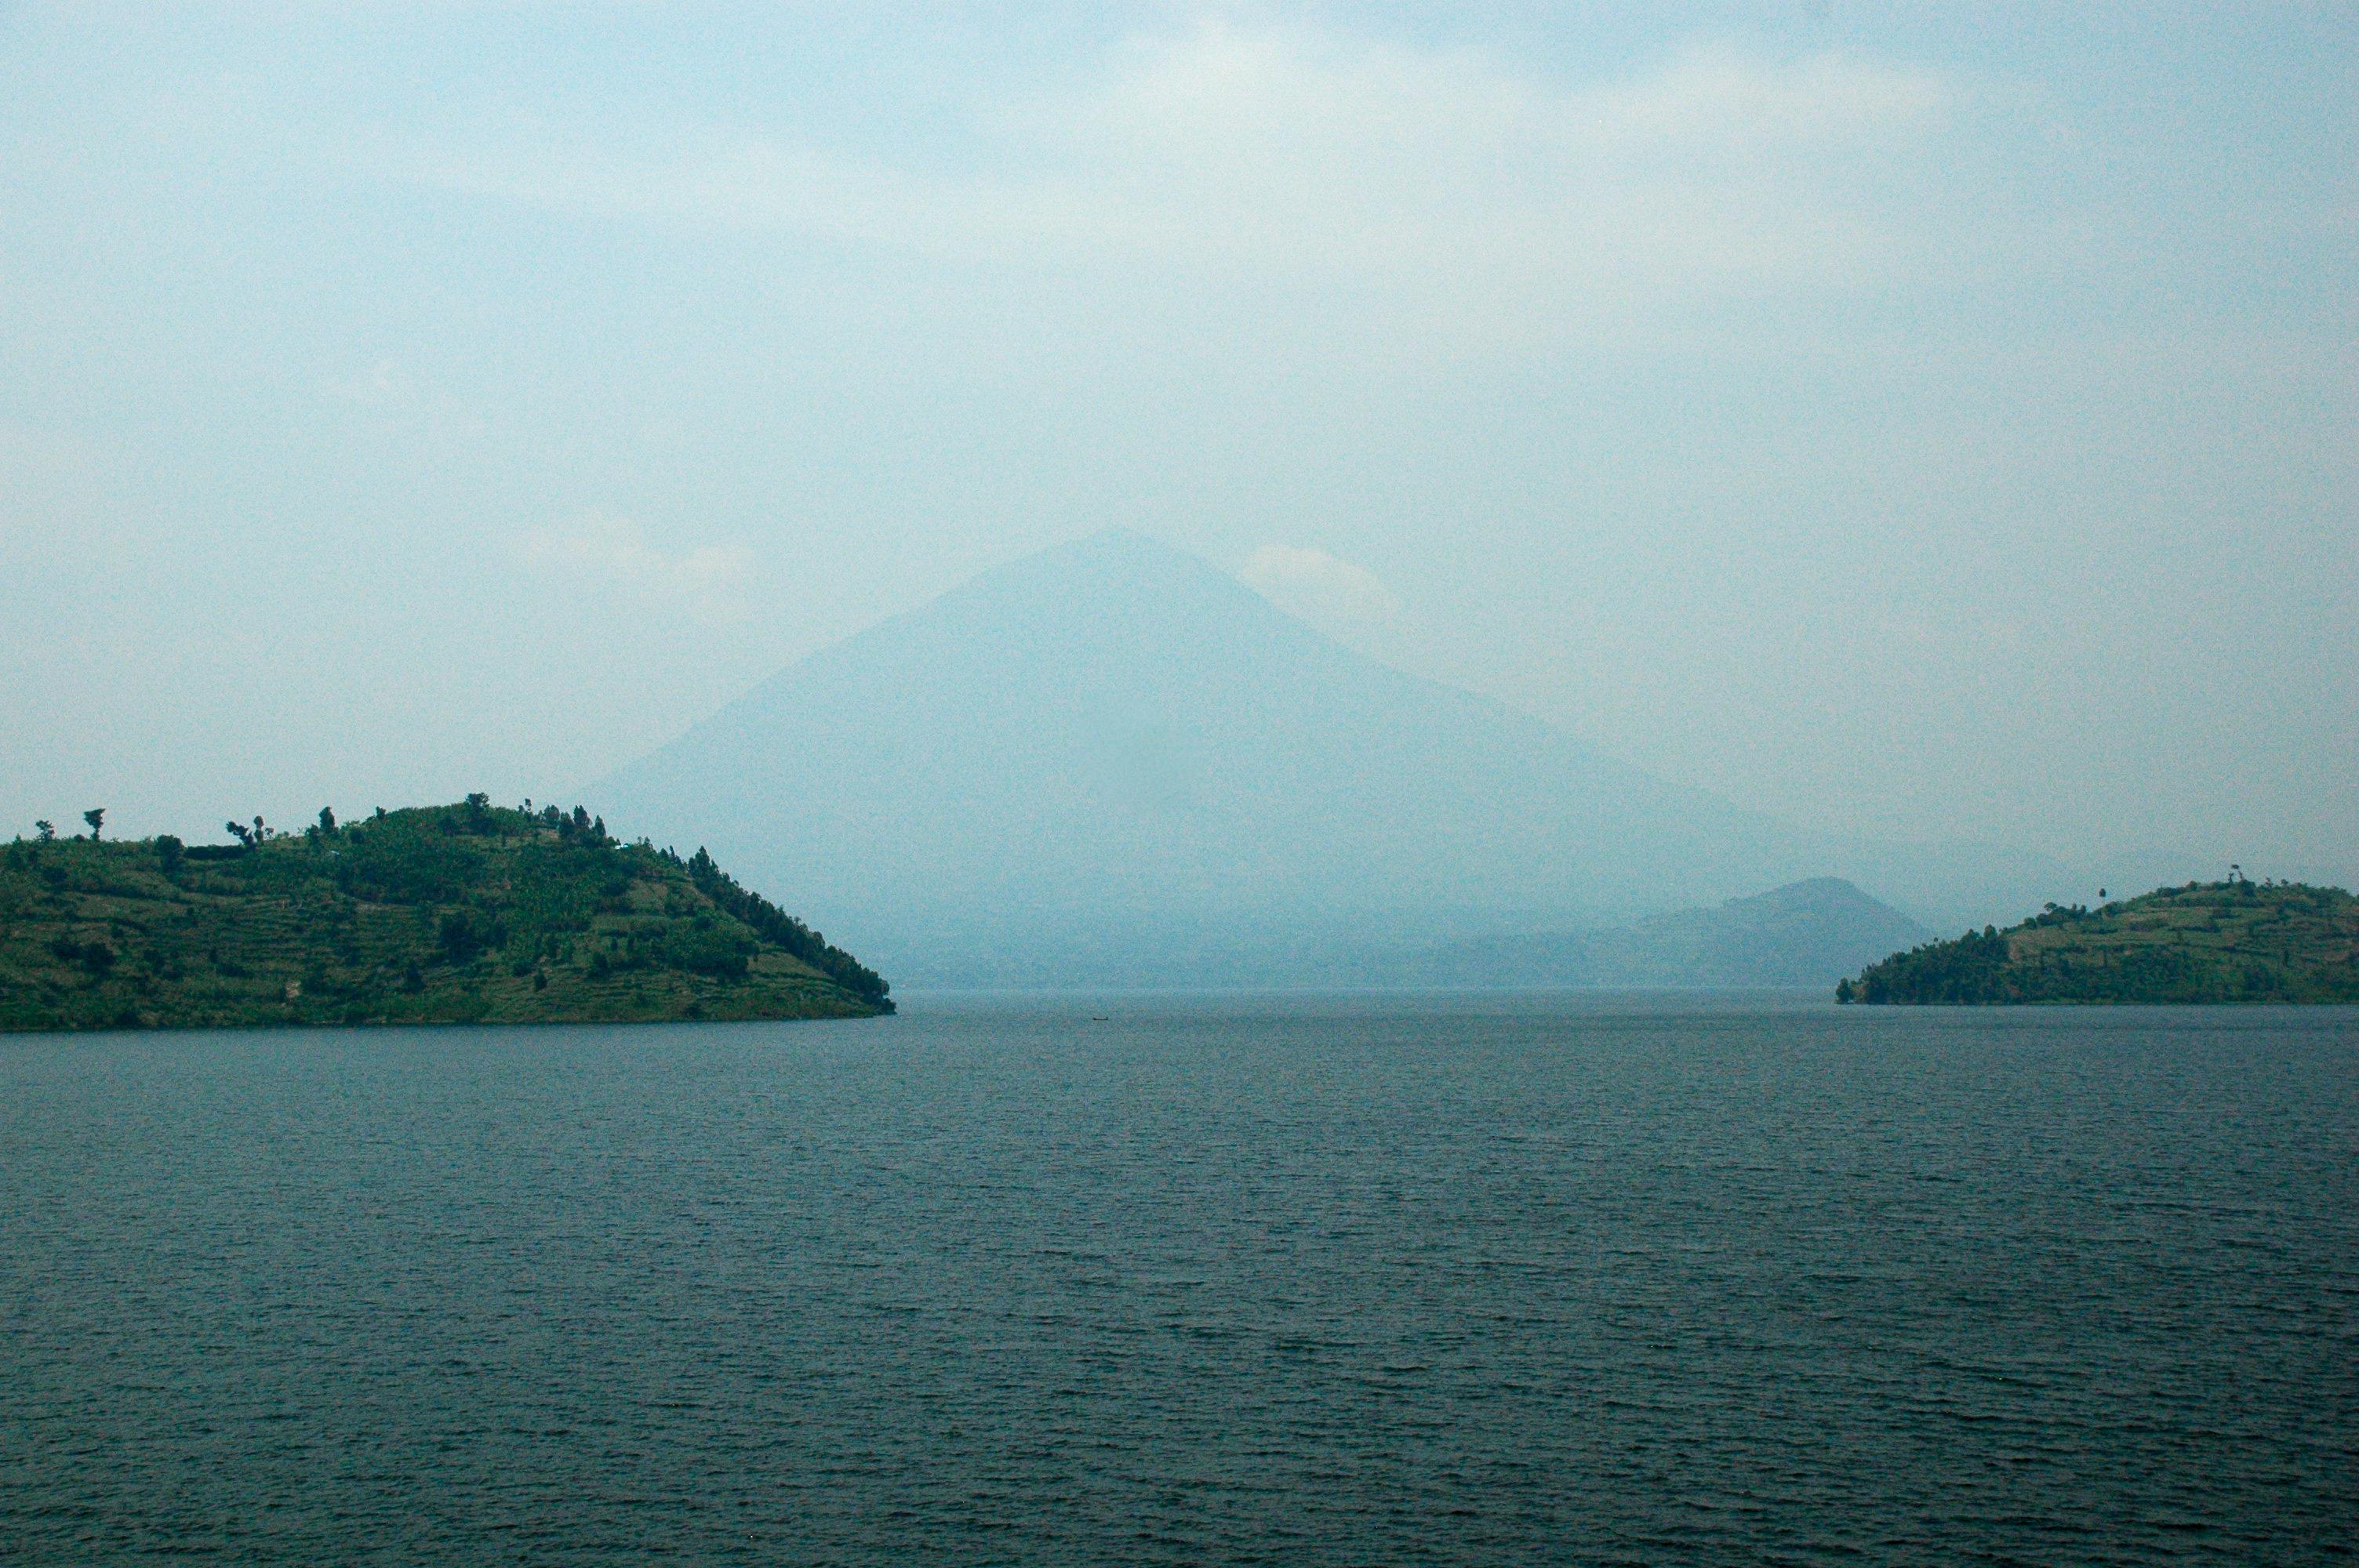 muhabura-volcano-and-lake-burera-in-rwanda